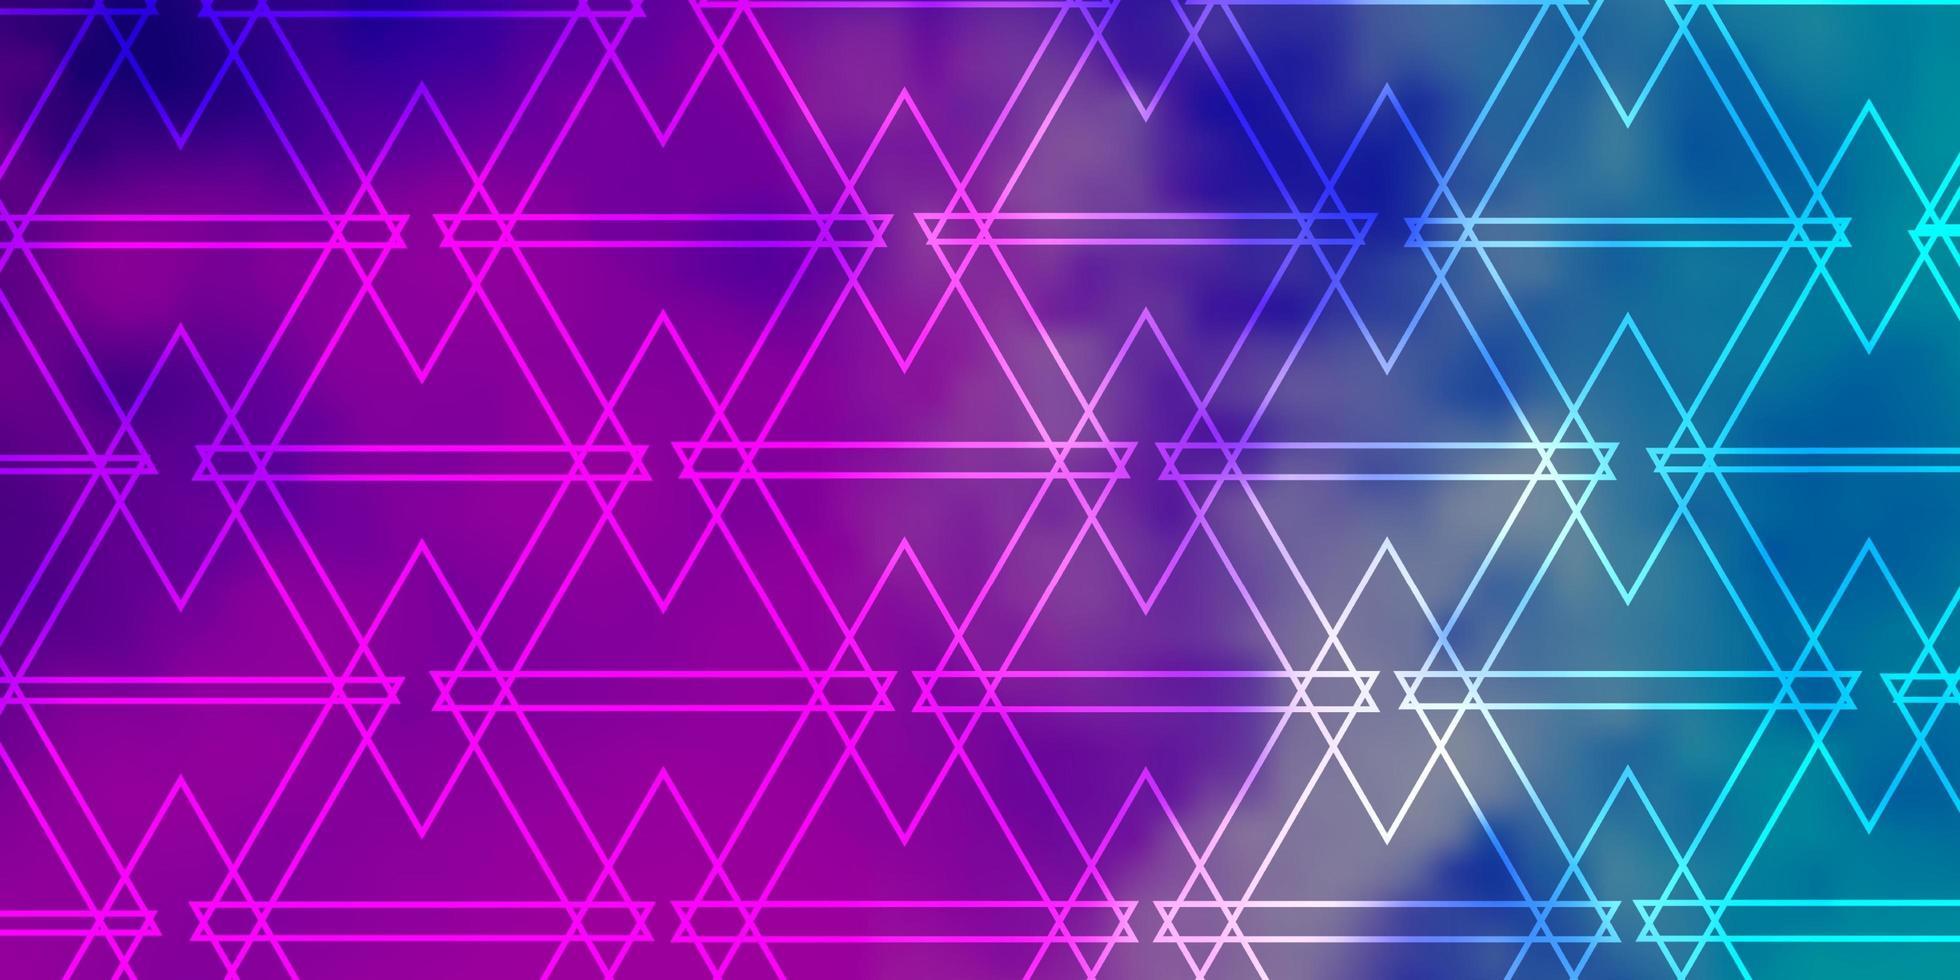 ljusrosa, blå vektorlayout med linjer, trianglar. vektor